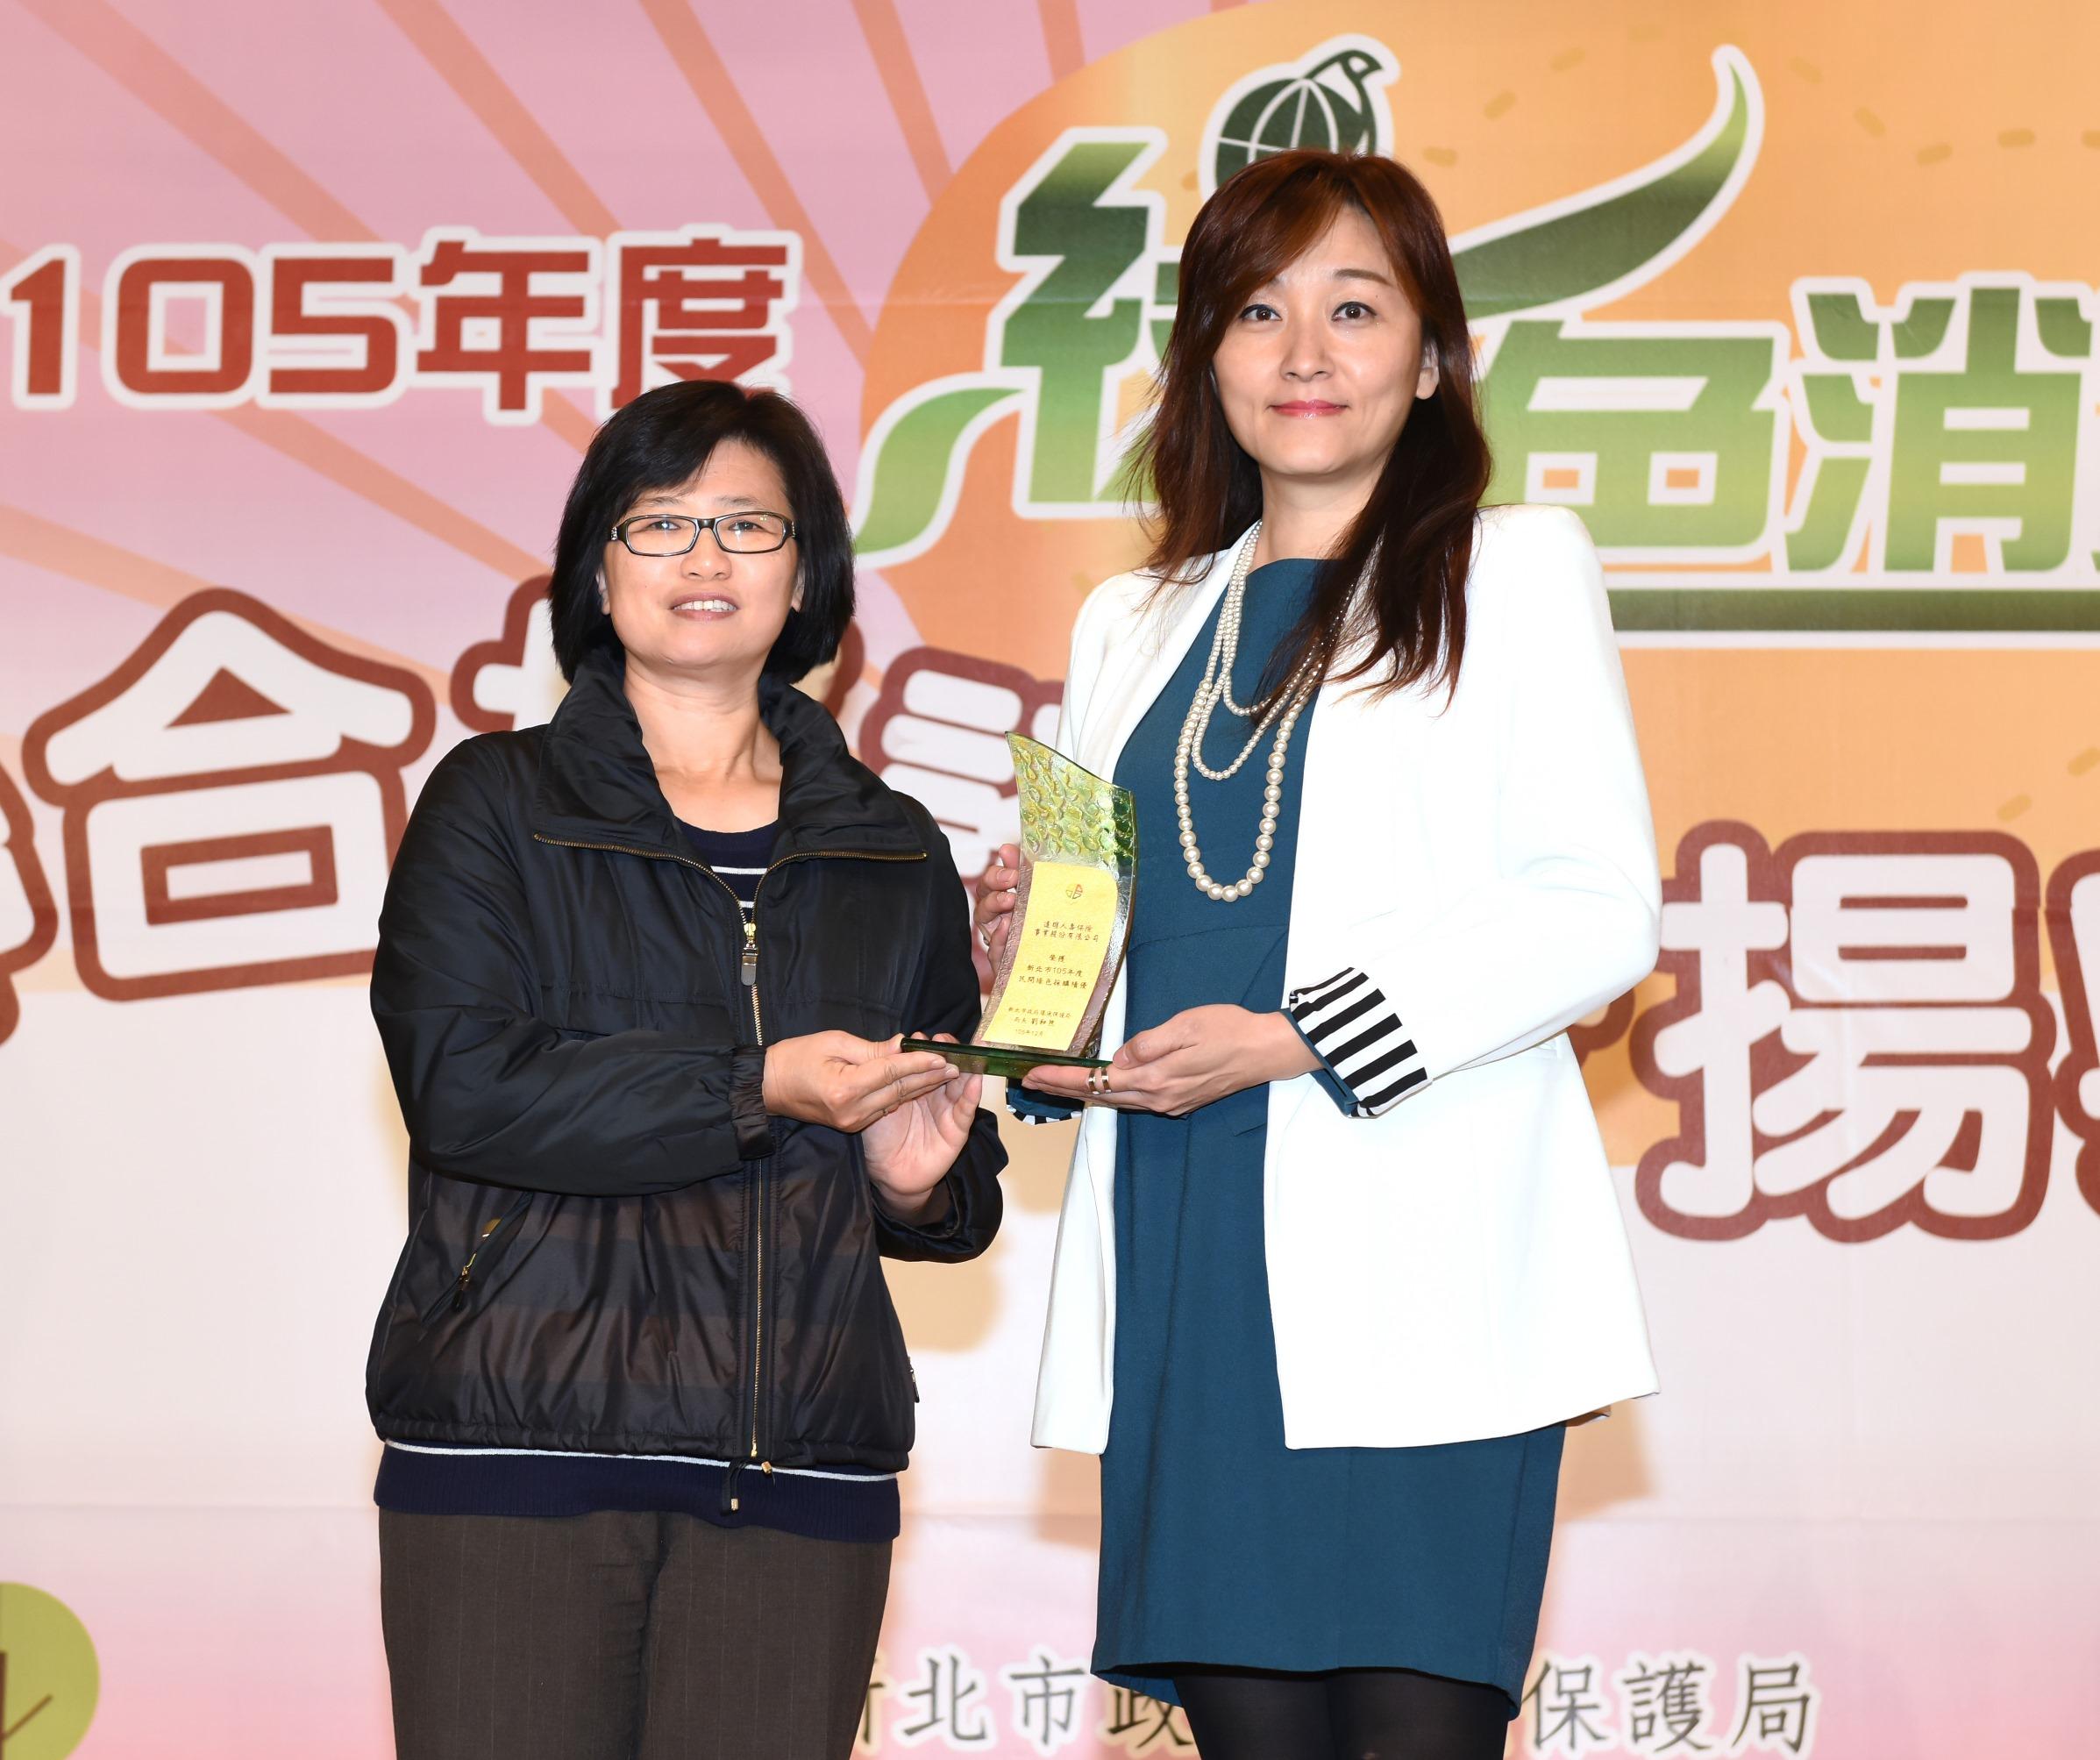 圖說: 遠雄人壽副總經理何京玲(右)從新北市環保局副局長王美文(左)接獲綠色績優企業獎座。